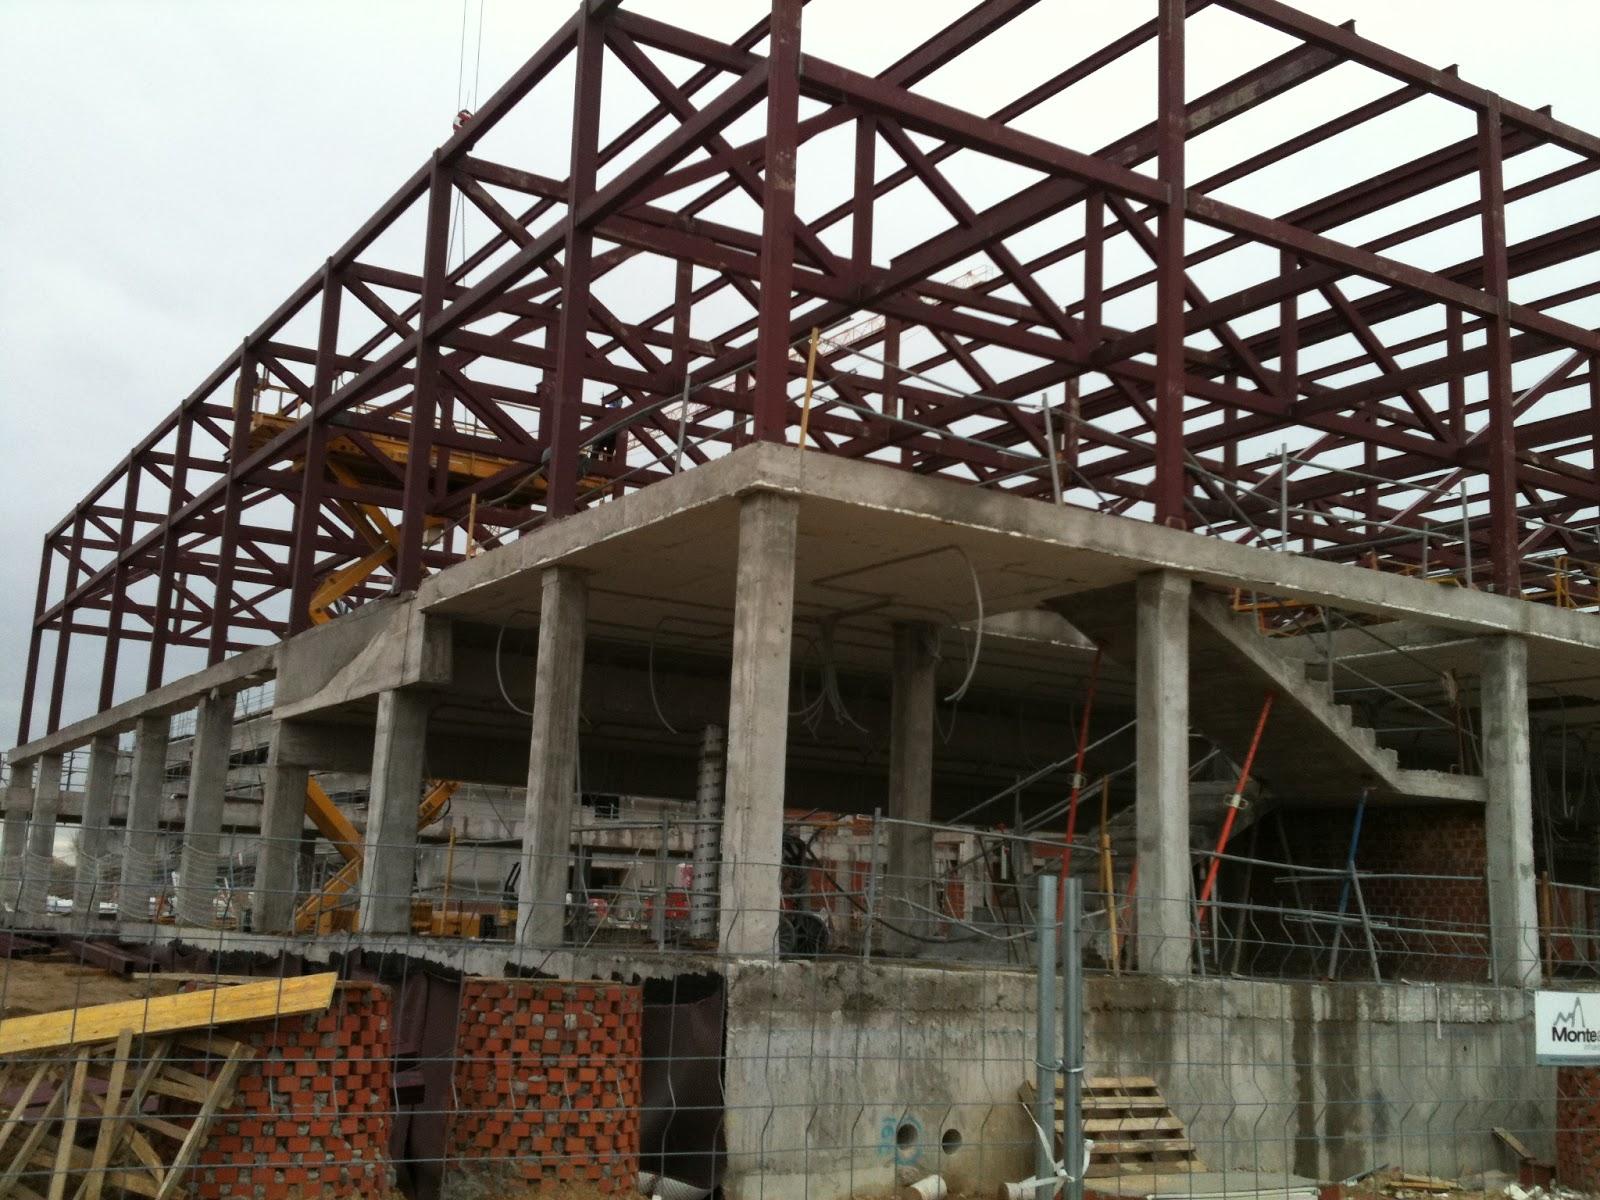 Metal y amianto construcci n de colegio con estructura y cubierta met lica - Estructuras de metal ...